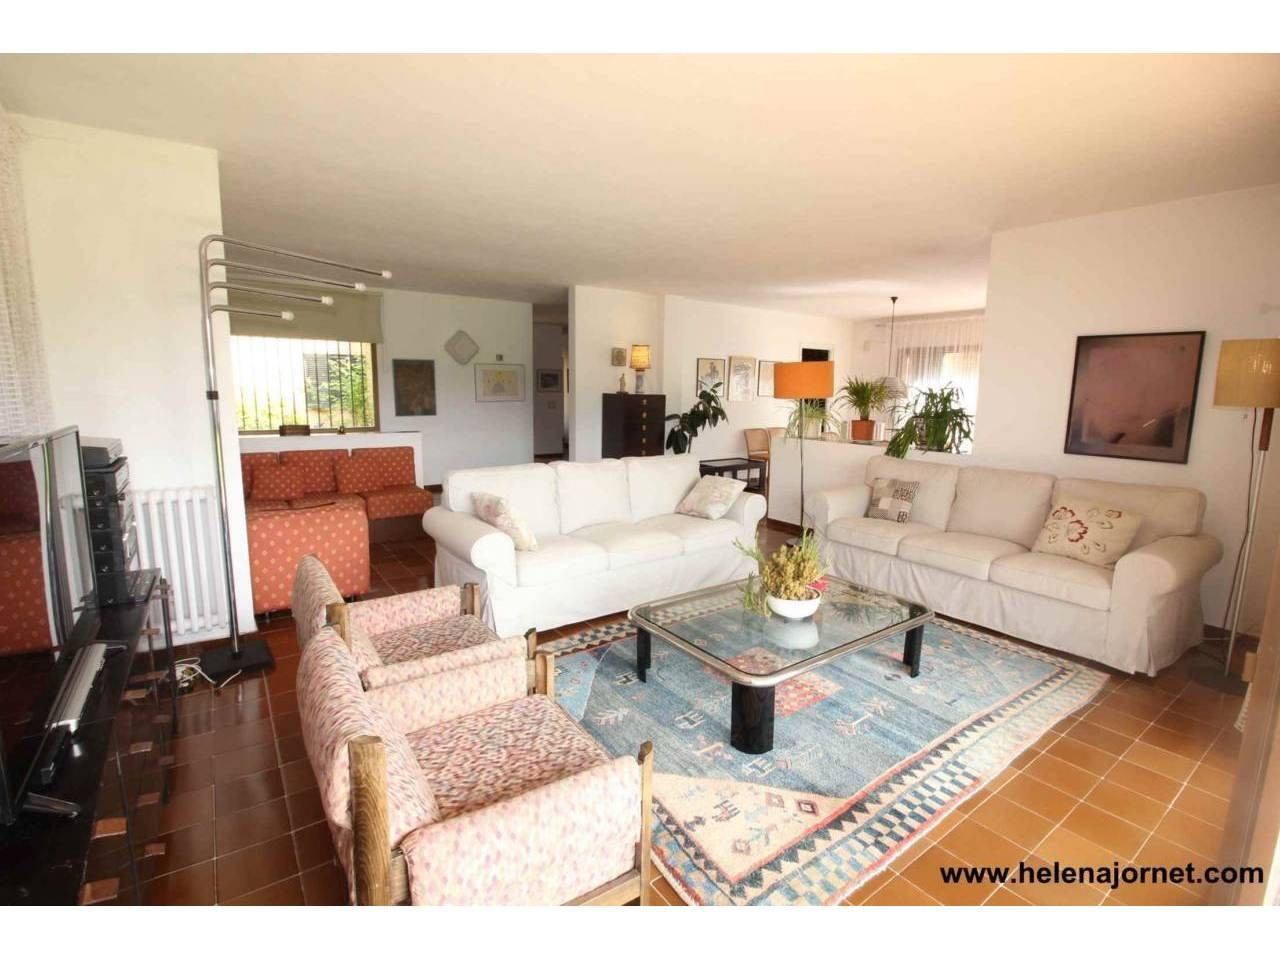 Maison avec amples espaces et une grande parcelle - 3450